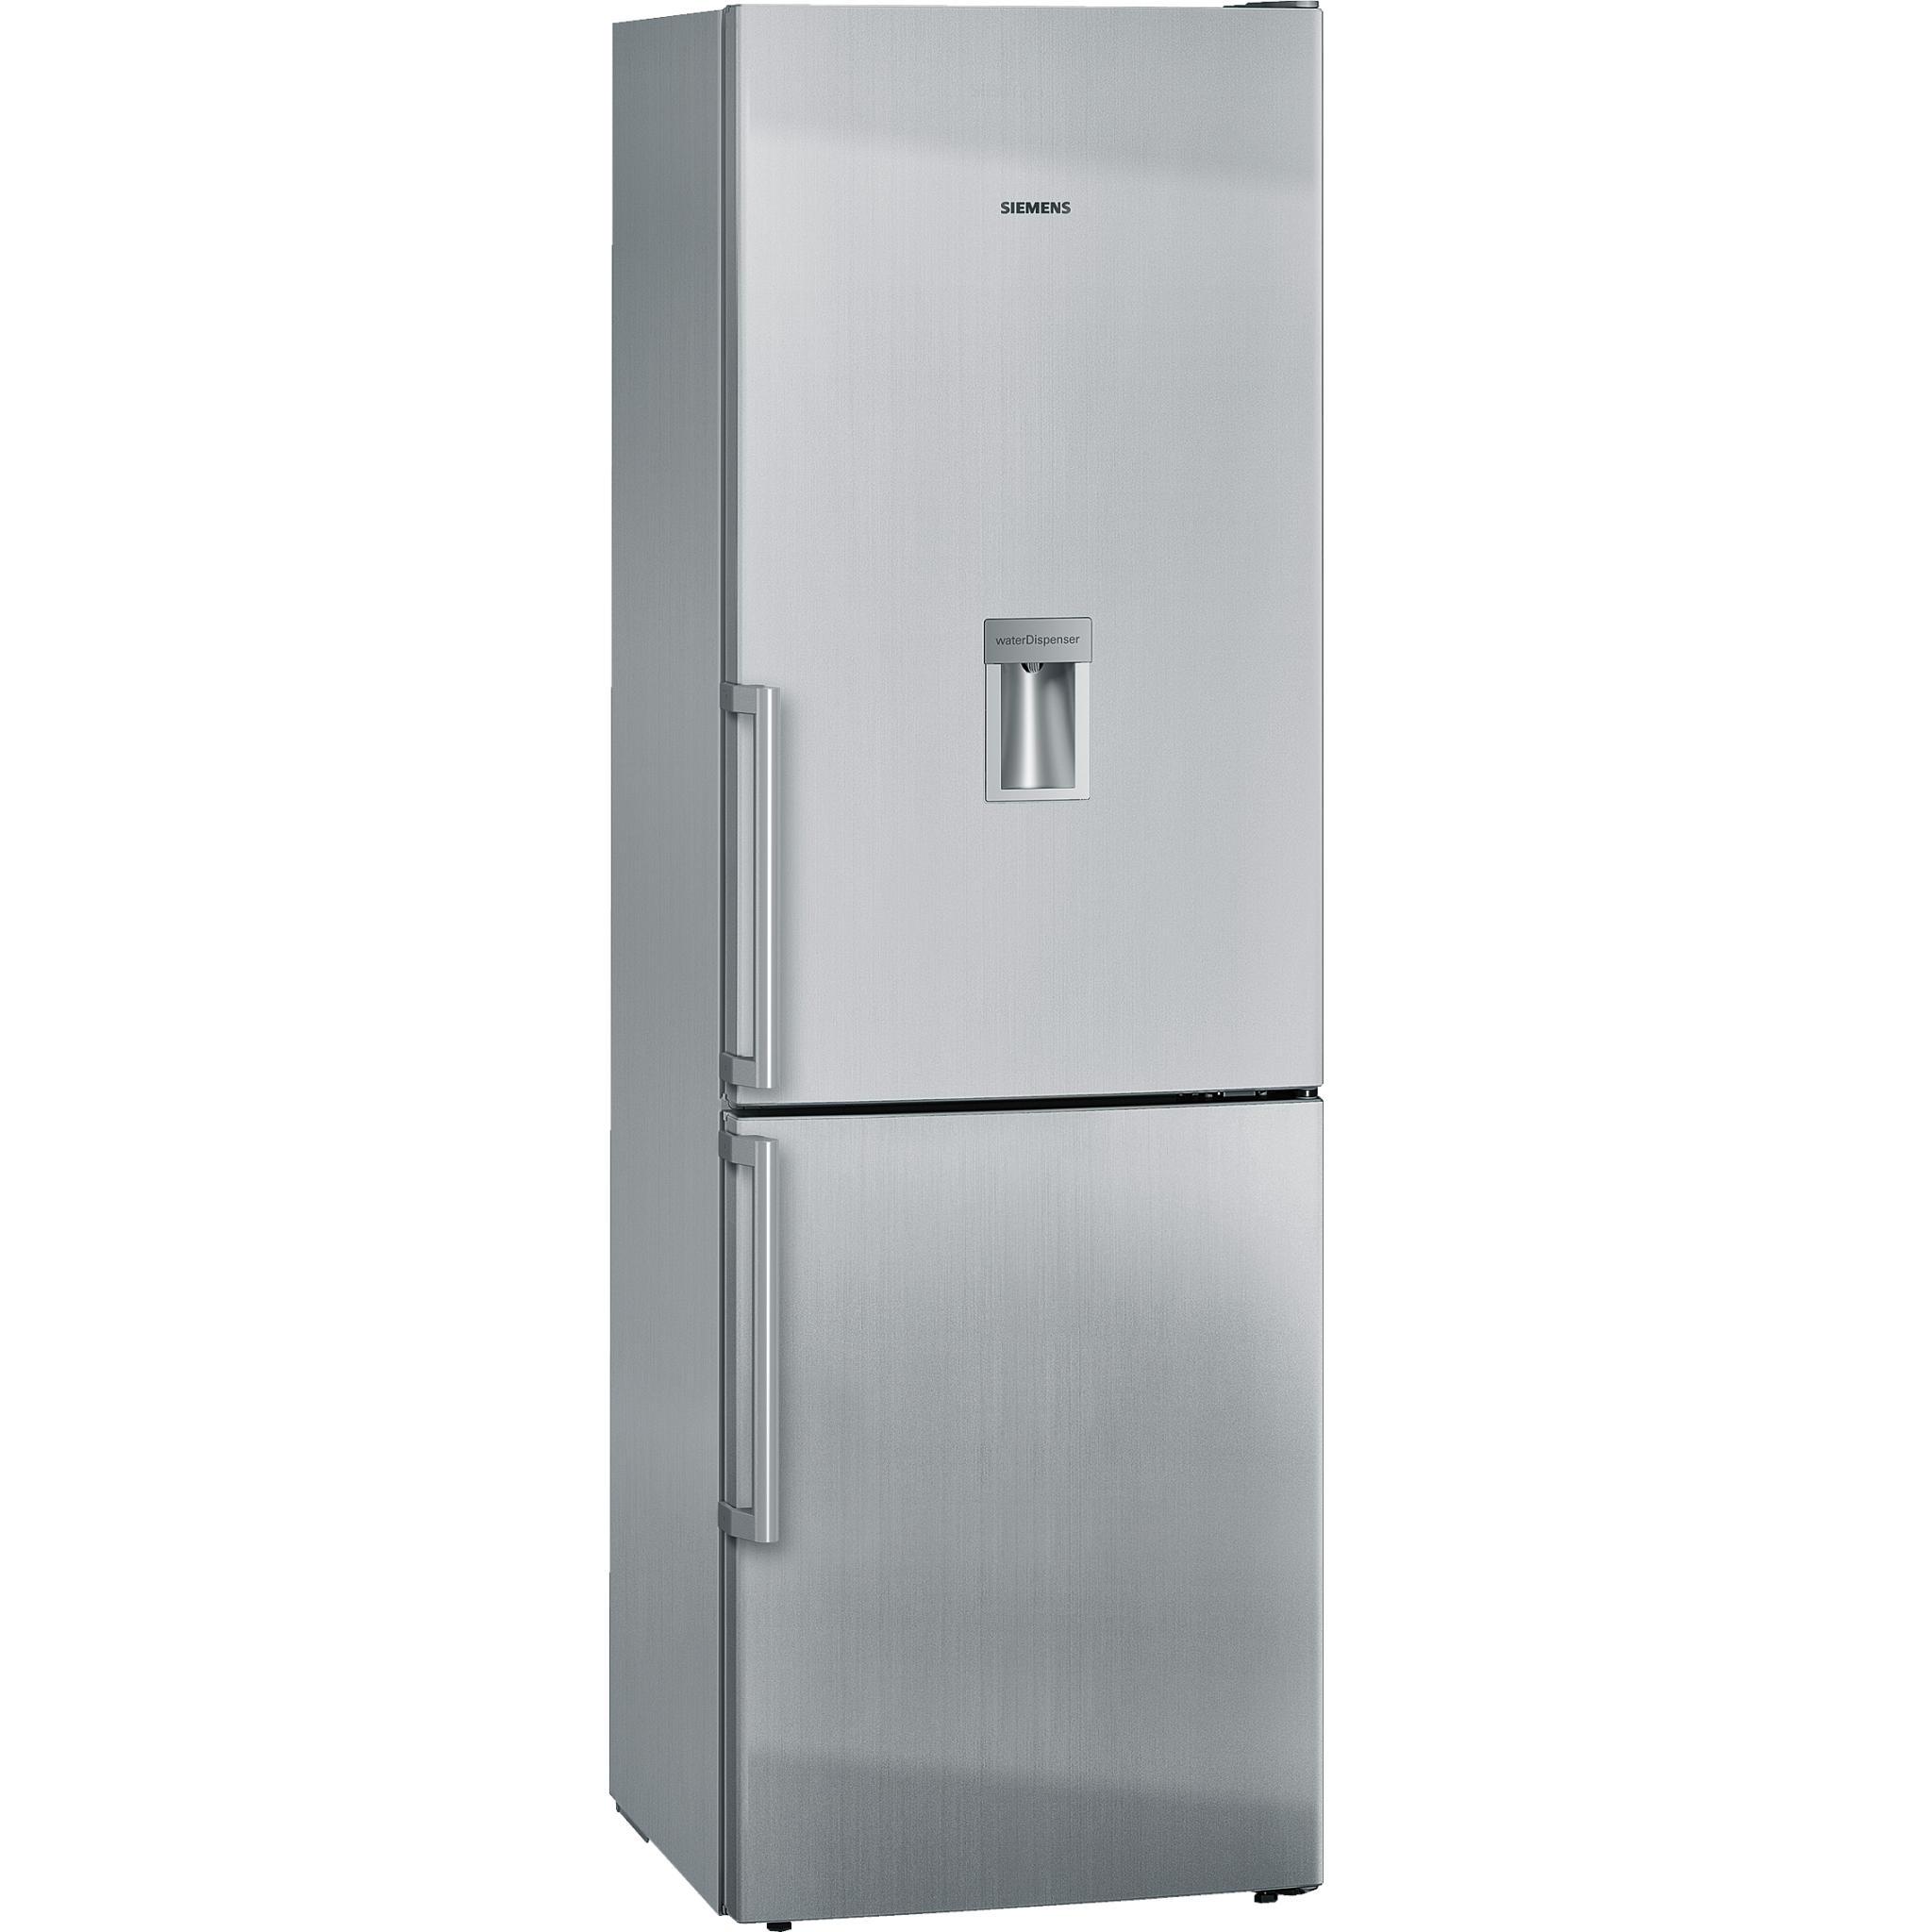 Siemens iQ300 KG36DVI30G NoFrost Fridge Freezer